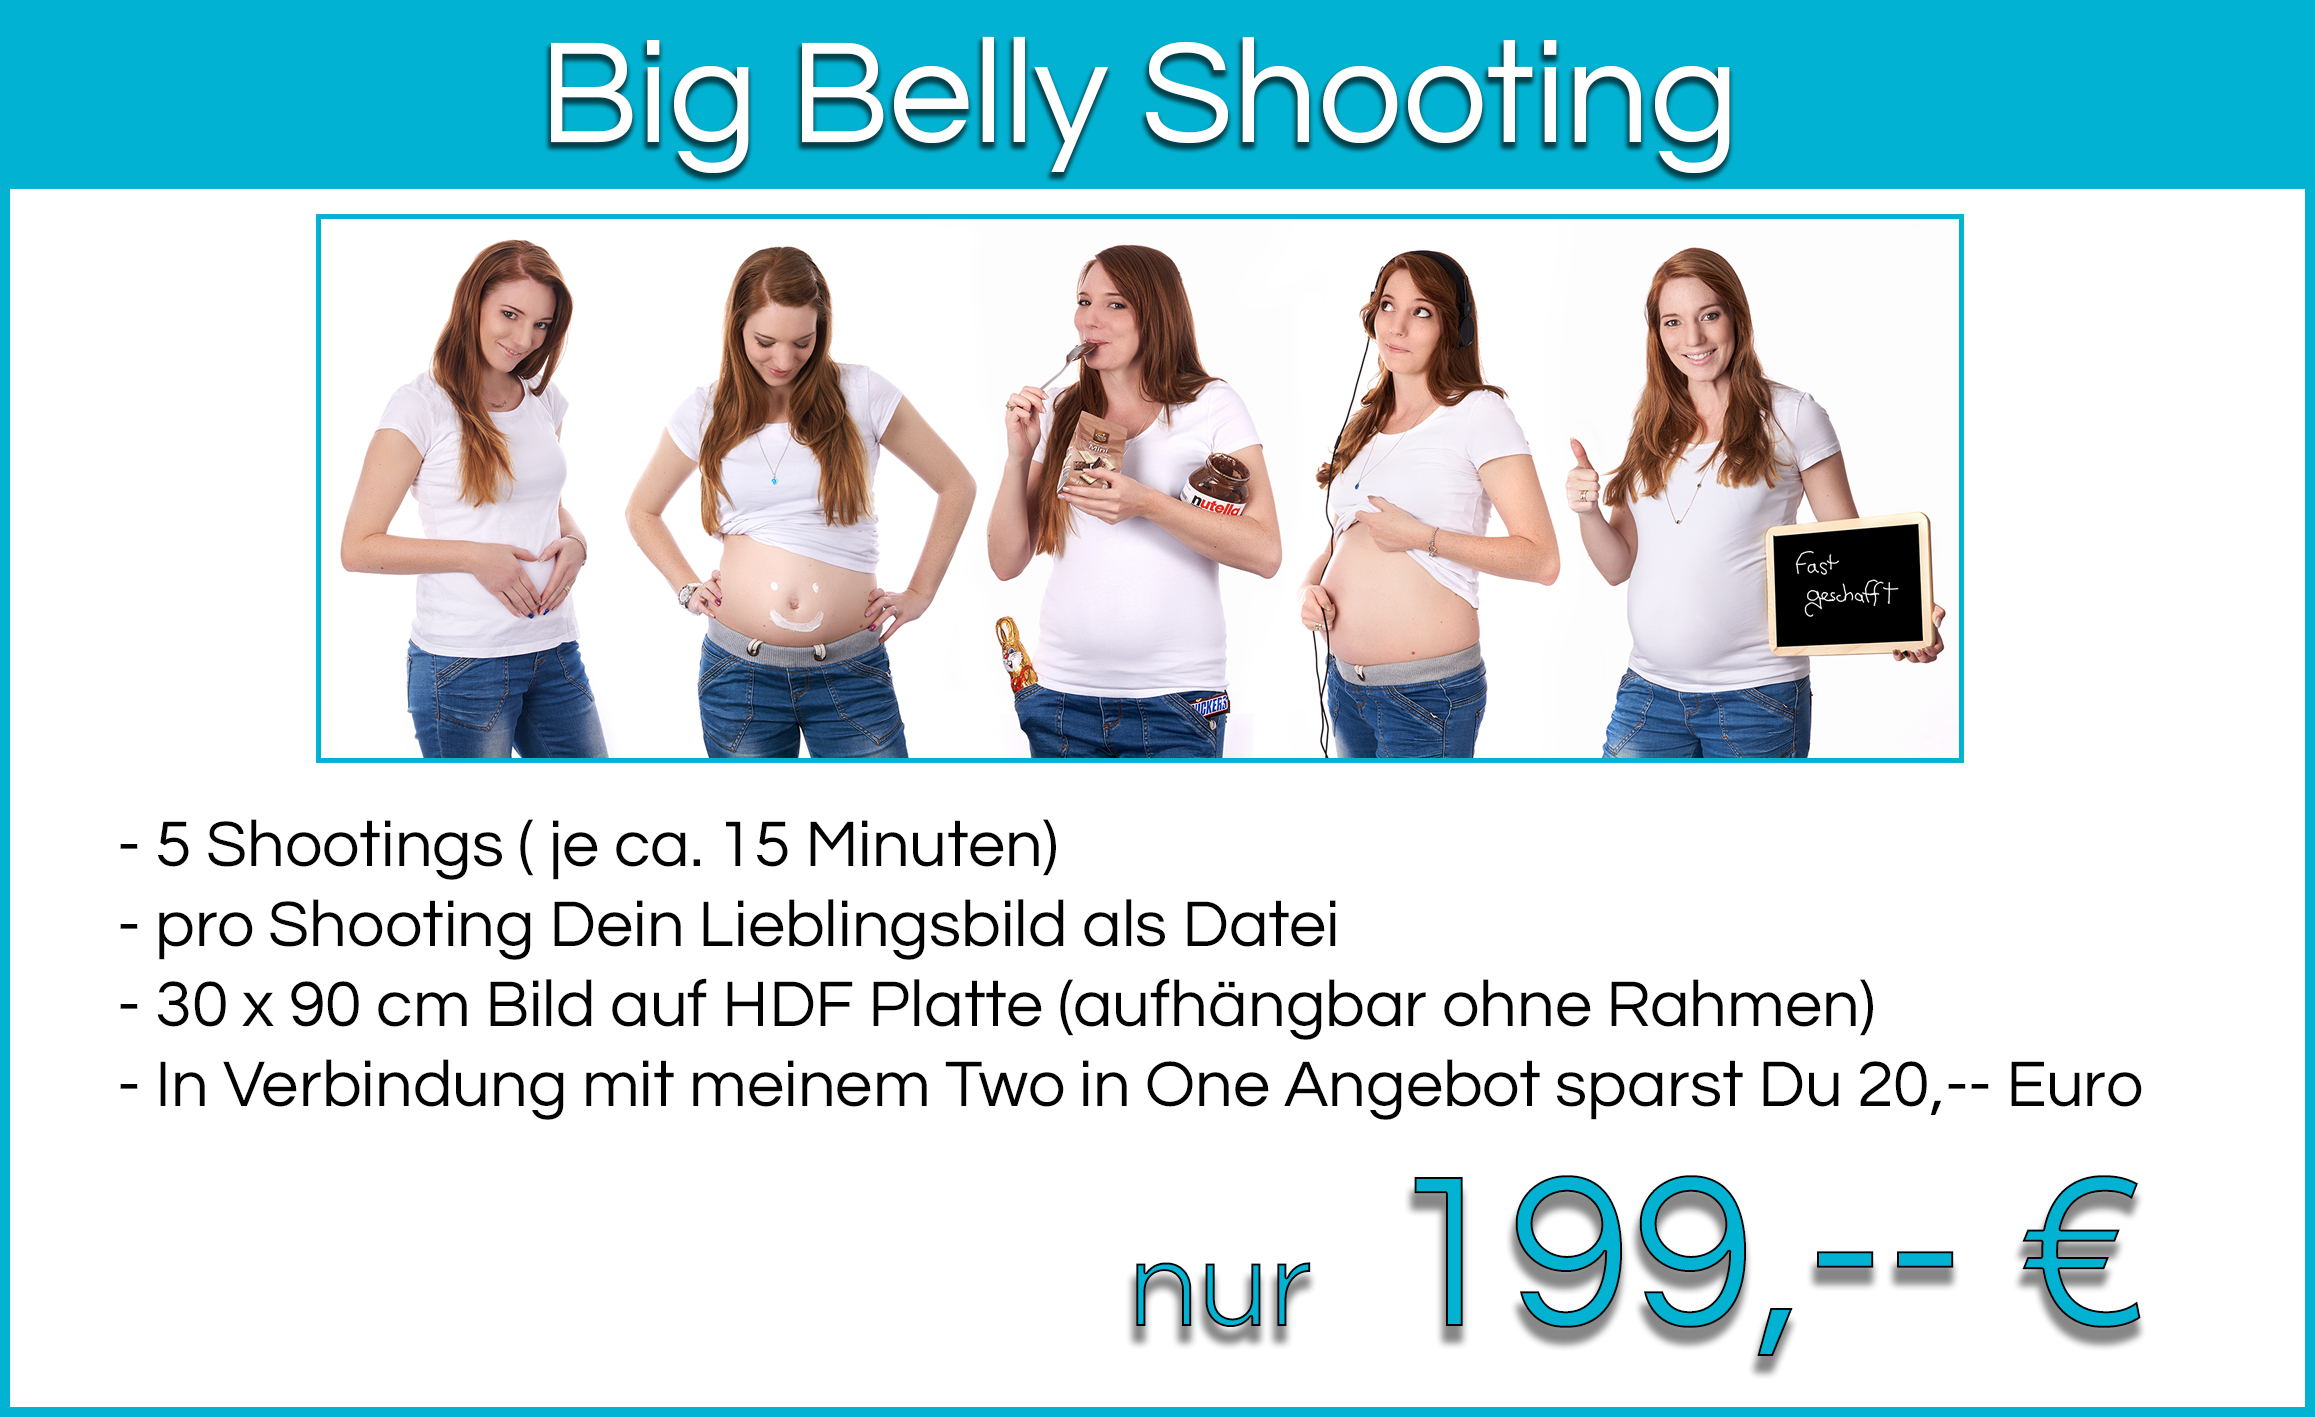 http://merget-fotografie.de/wordpress/wp-content/uploads/2017/02/big-belly-shooting.jpg